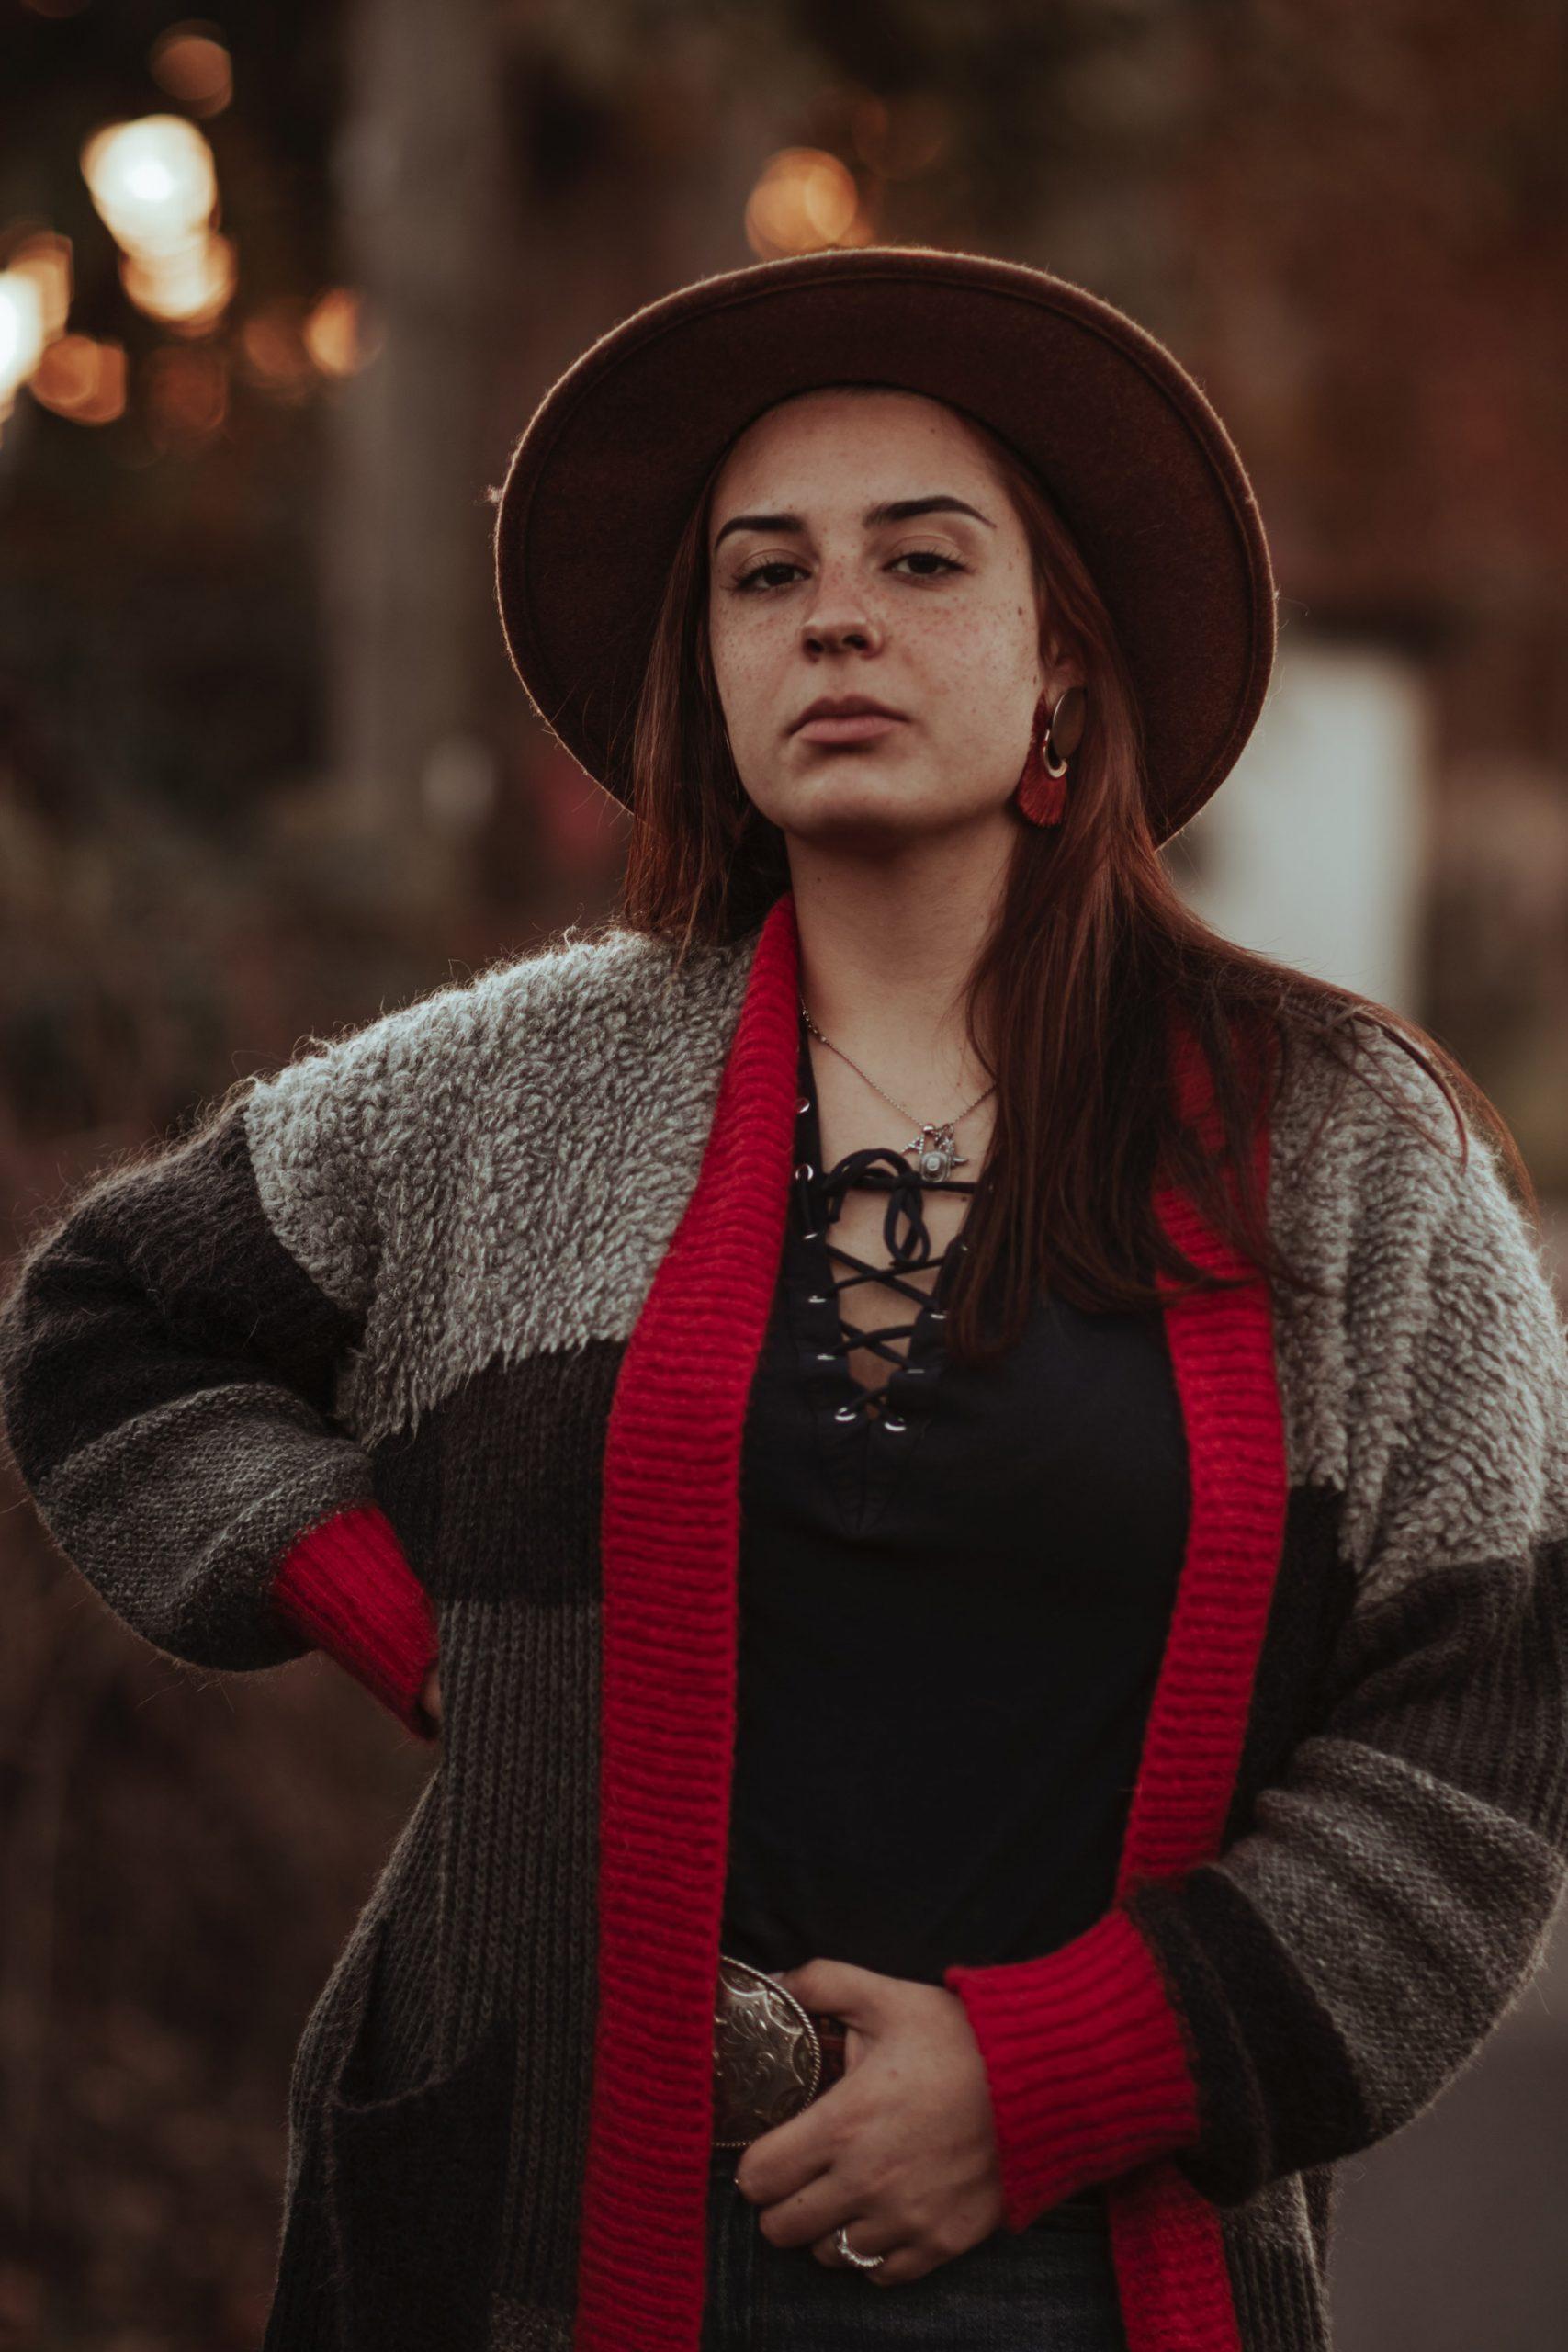 Categorie: Fashion, Portrait - Photographer: NICOLE CHIARI - Model: ANDREA DEL CHIARO - Location: Viareggio, LU, Italia